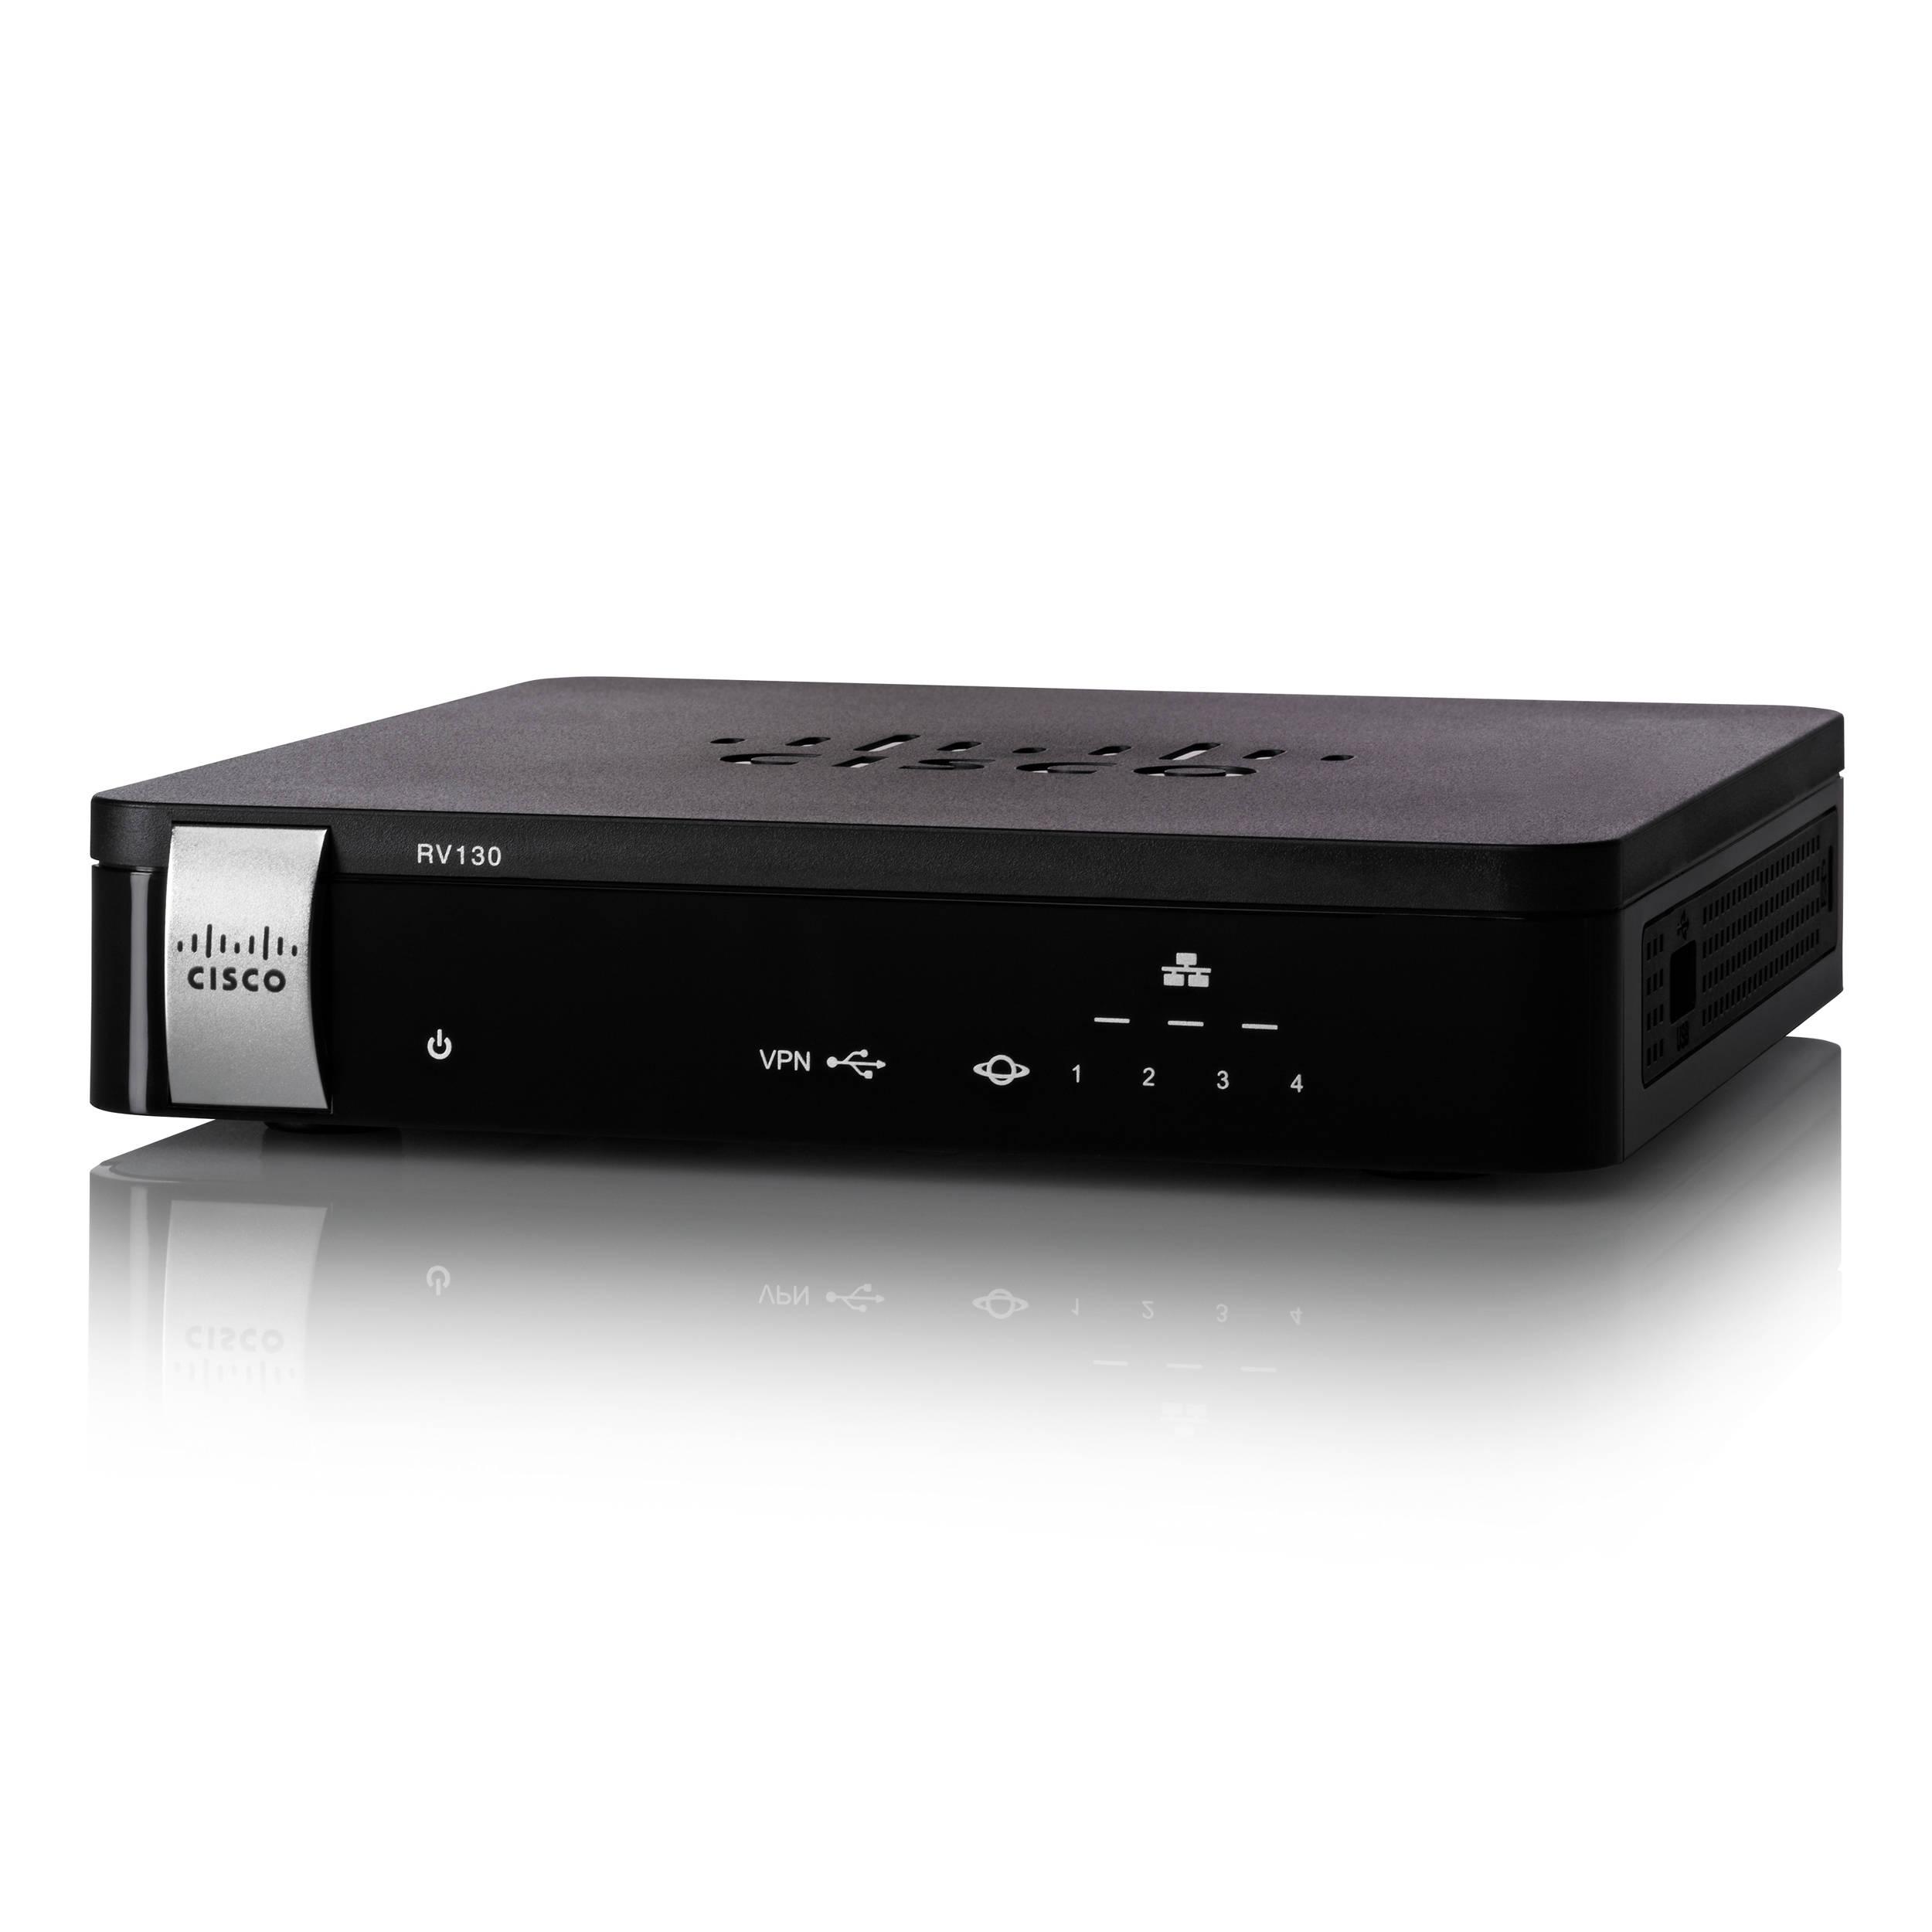 Cisco VPN Routers